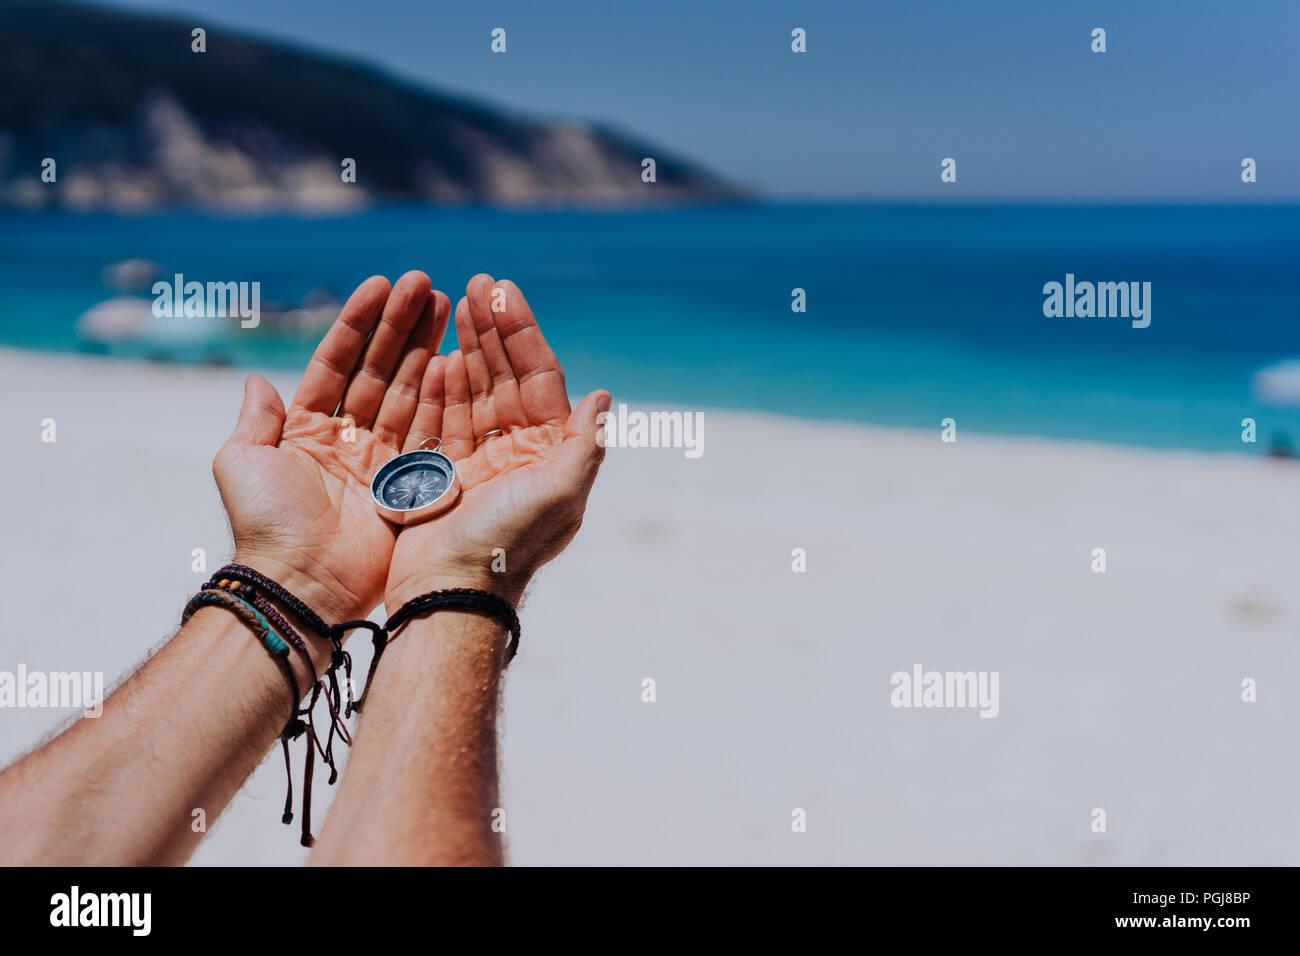 Las palmas de las manos abiertas sosteniendo la brújula de metal contra la arena y el mar azul. Buscando su camino concepto. Punto de vista POV Imagen De Stock